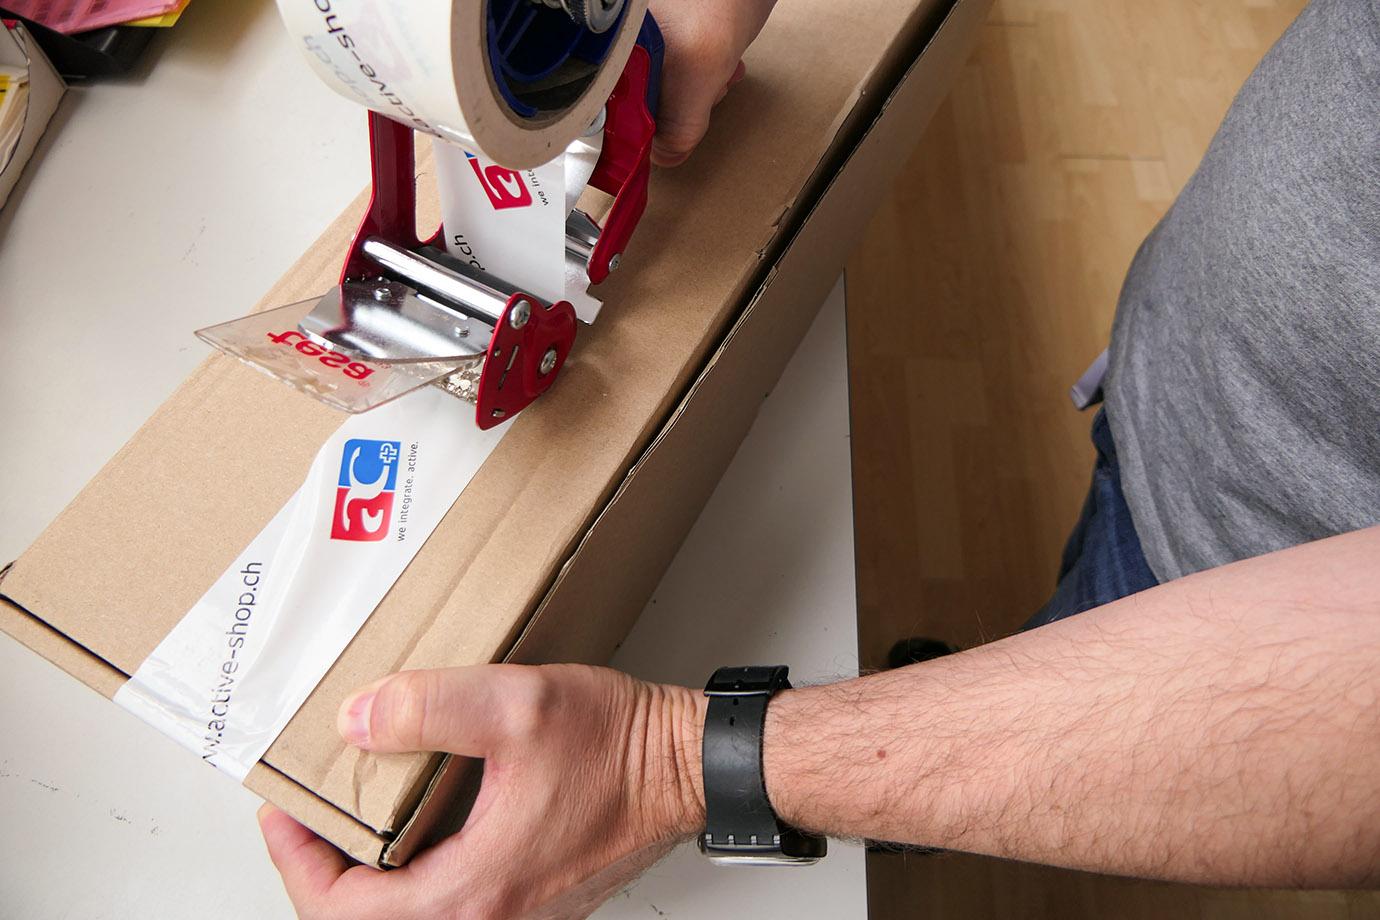 Leonard beklebt ein Paket mit dem Klebeband, worauf das Logo der Active Communication abgebildet ist